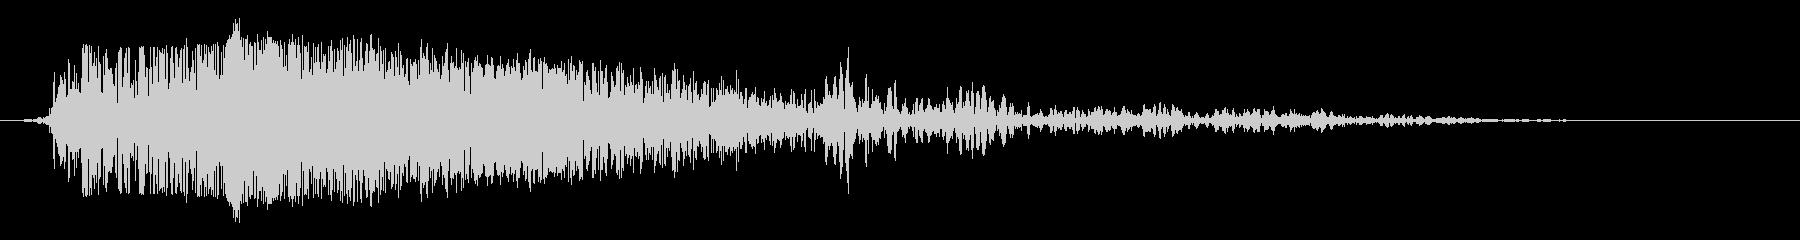 ミディアムメタルとウッドクラッシュの未再生の波形